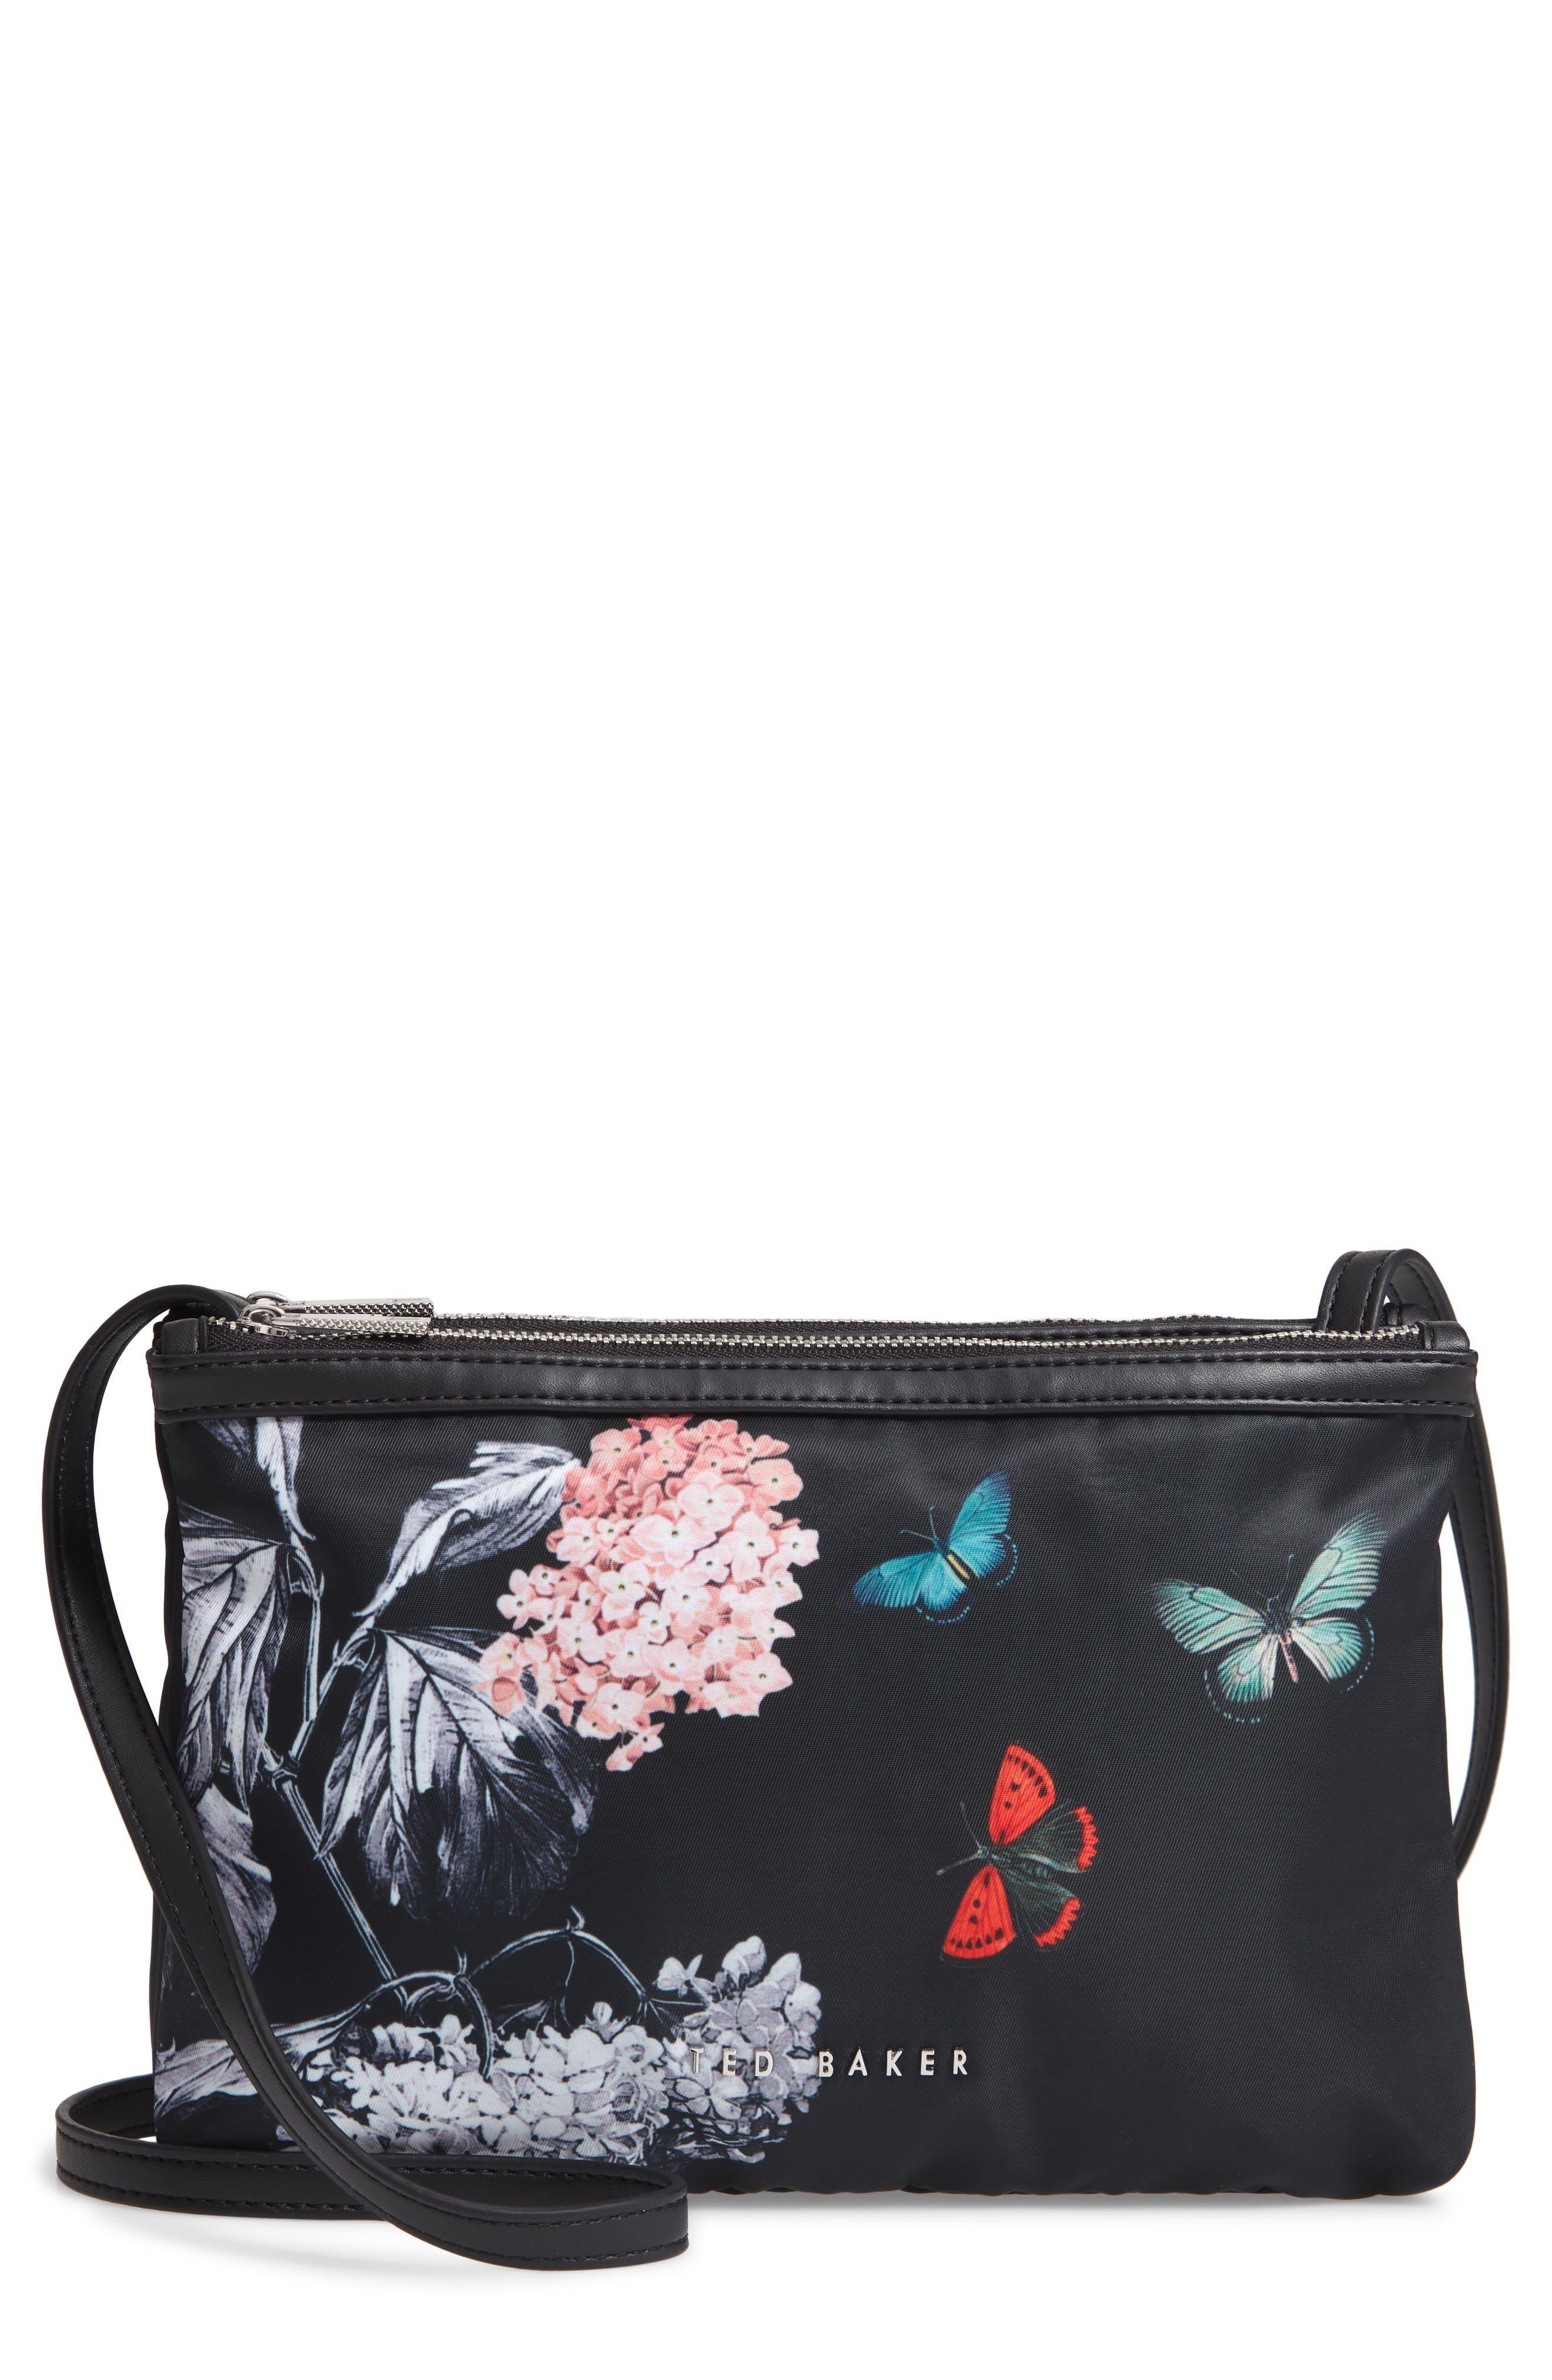 Myyaa Narrnia Nylon Crossbody Bag,                         Main,                         color, BLACK